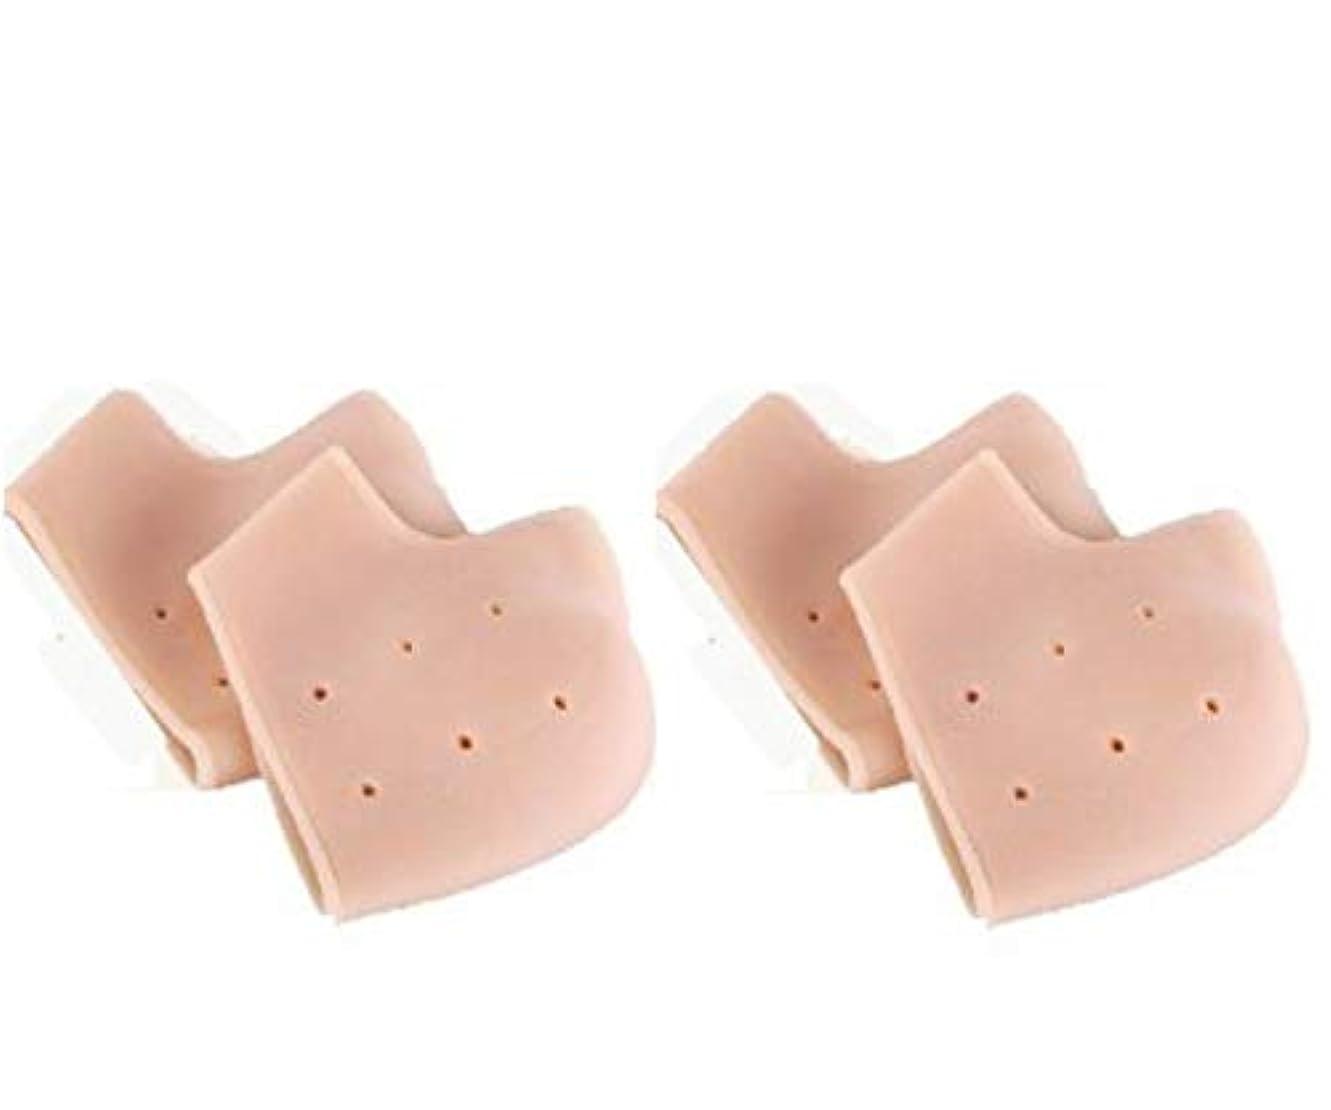 傾斜品揃えガイドかかと サポーター 保護 ヒビ割れ対策 保湿 靴下 ワセリン クッション シリコン インソール 4個 ケア